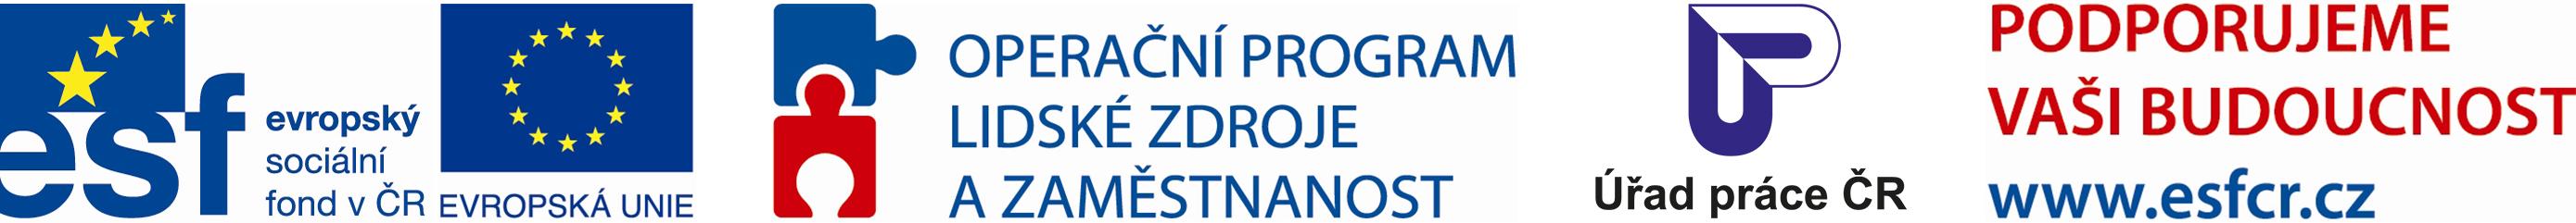 logo_rip_barevne.jpg